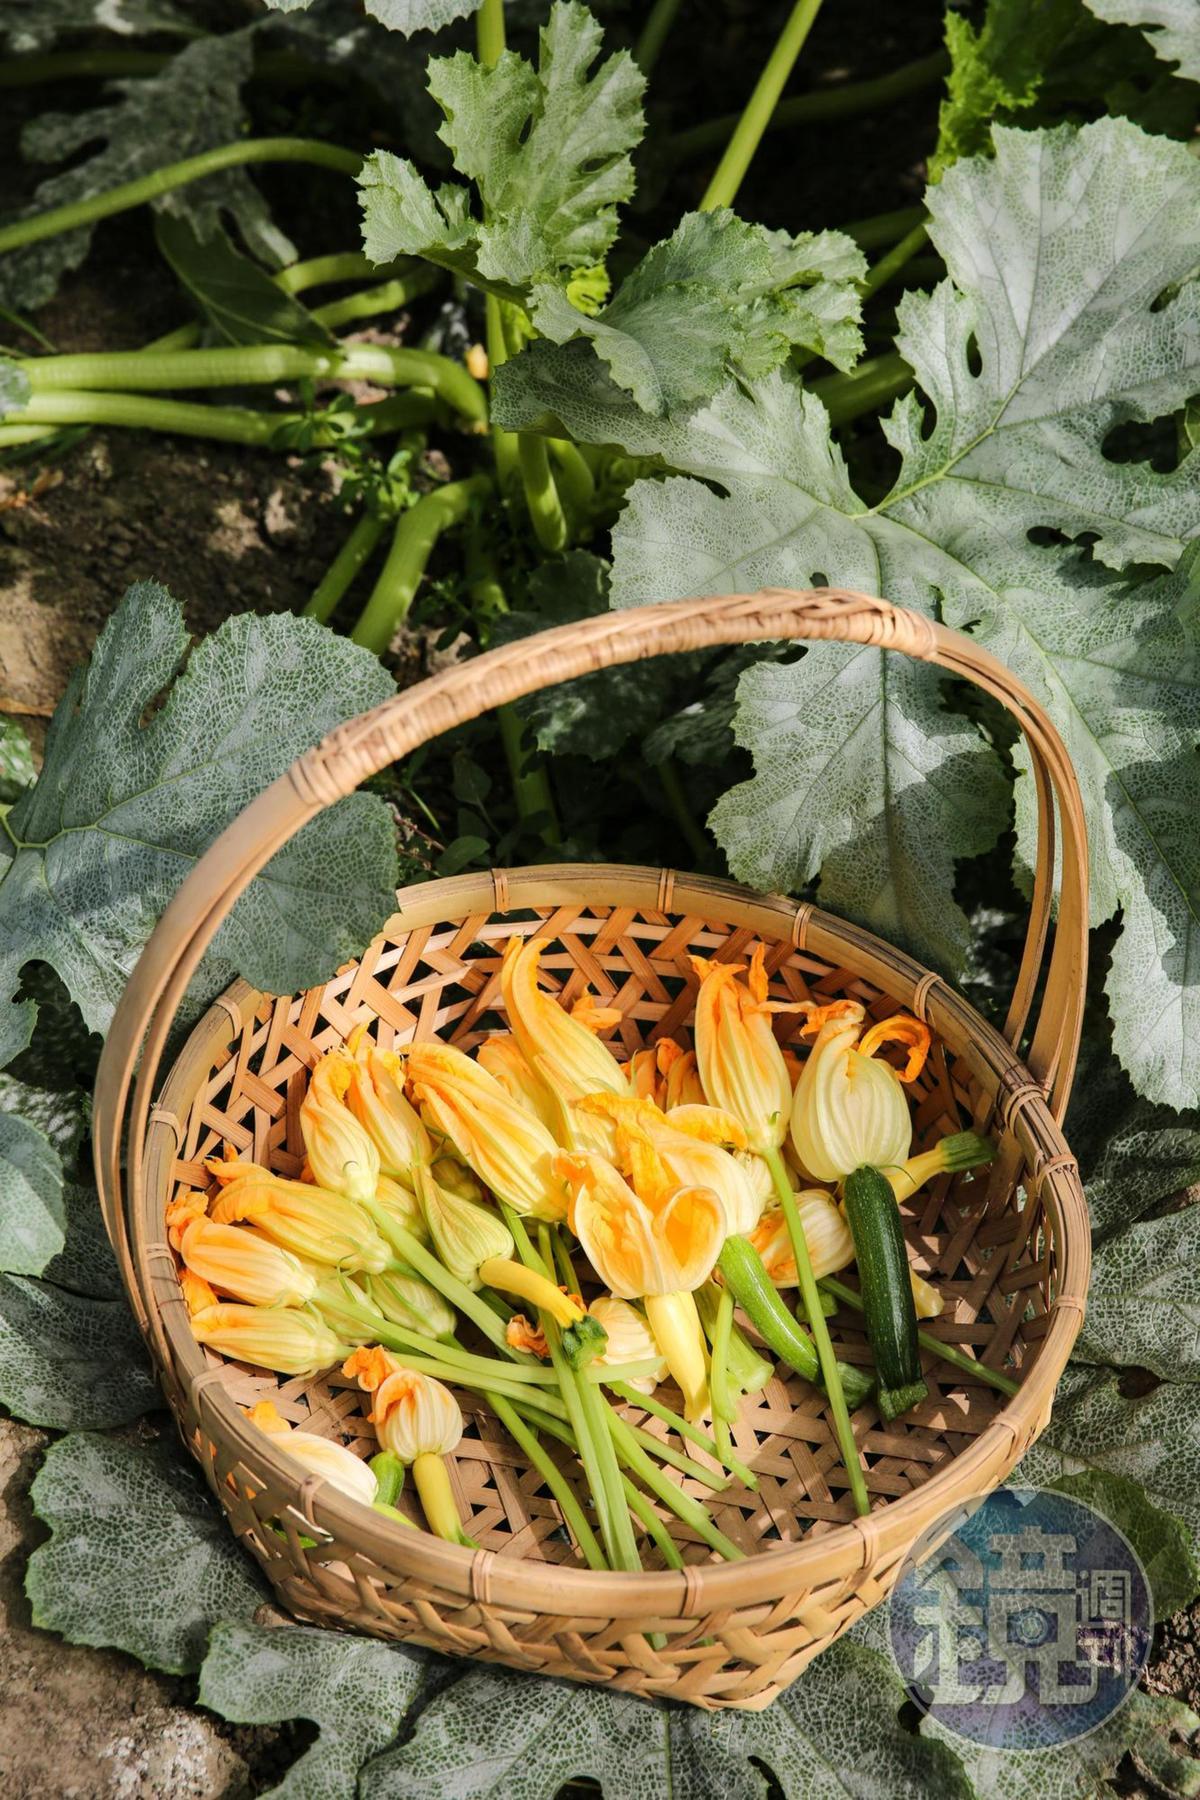 可食植物長於土壤、水裡,可訴說的環境故事和自然資訊很豐富。